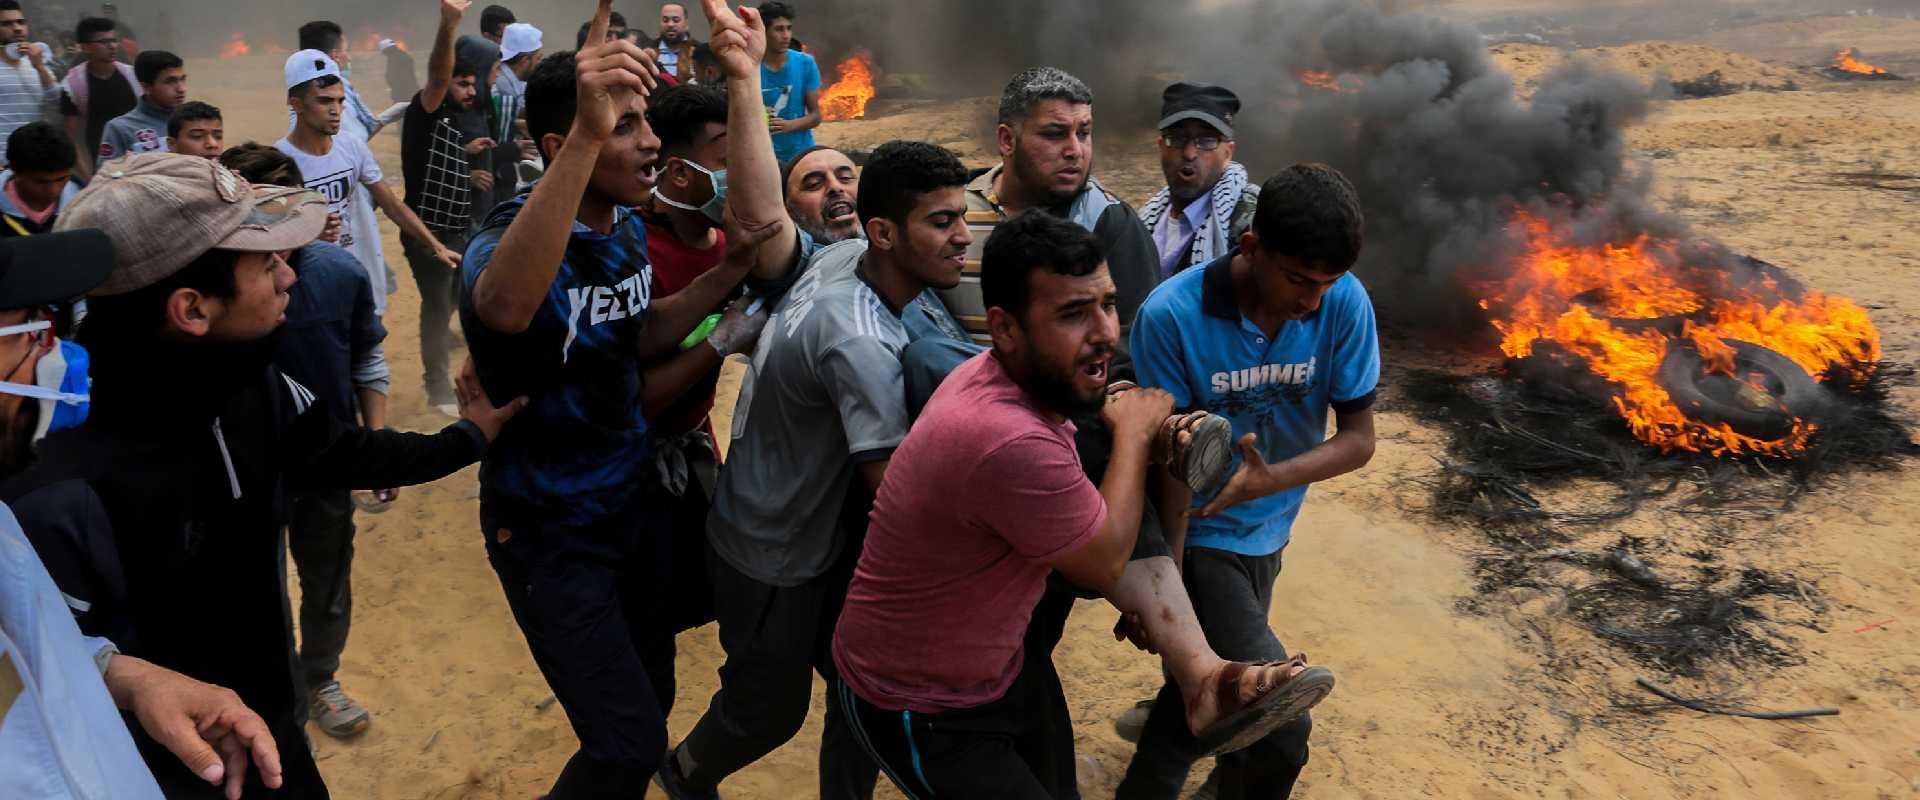 האירועים האלימים אתמול בגבול הרצועה